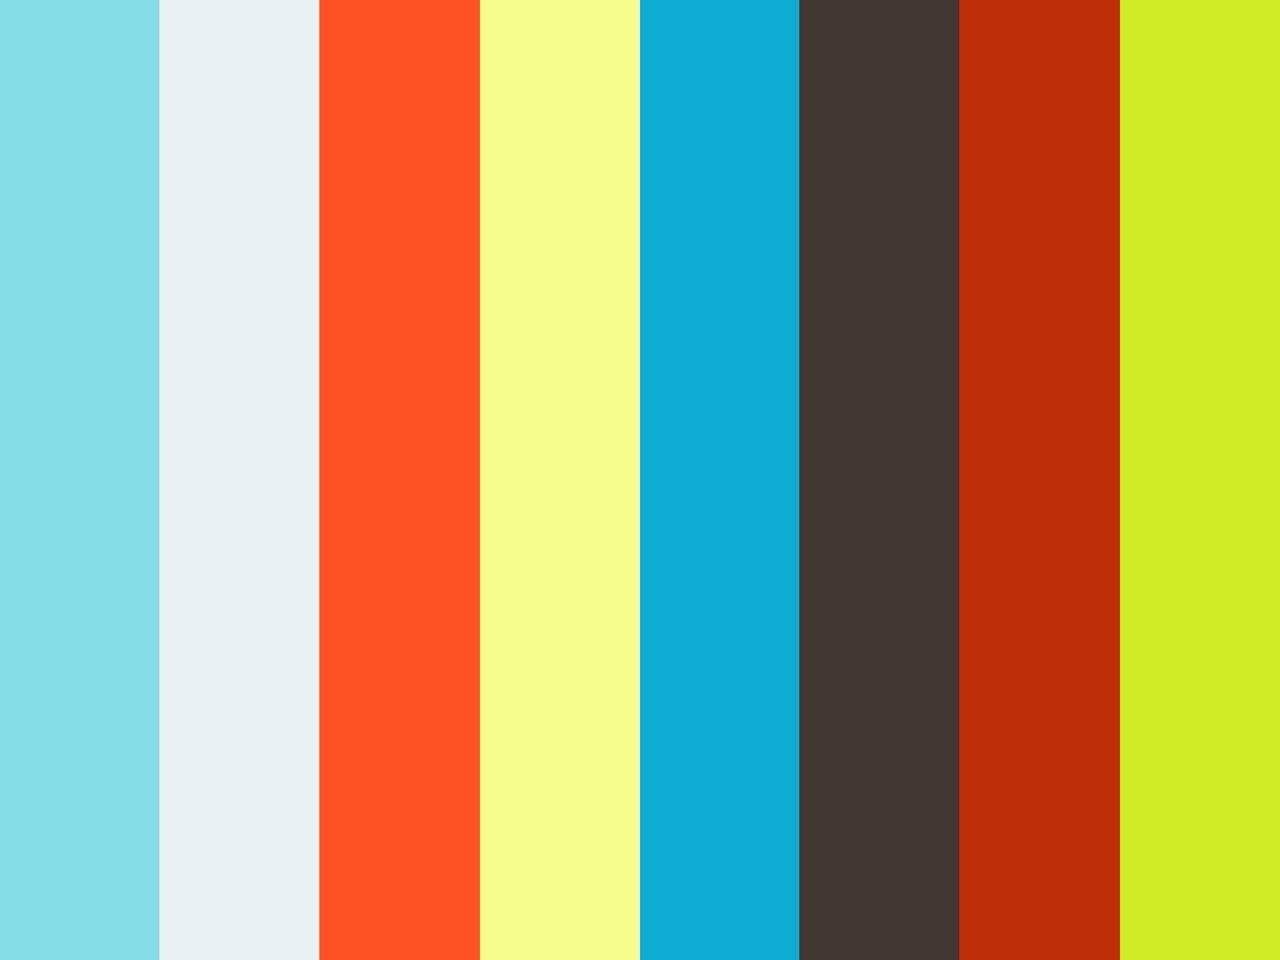 CEI: Area de Diseño Gráfico